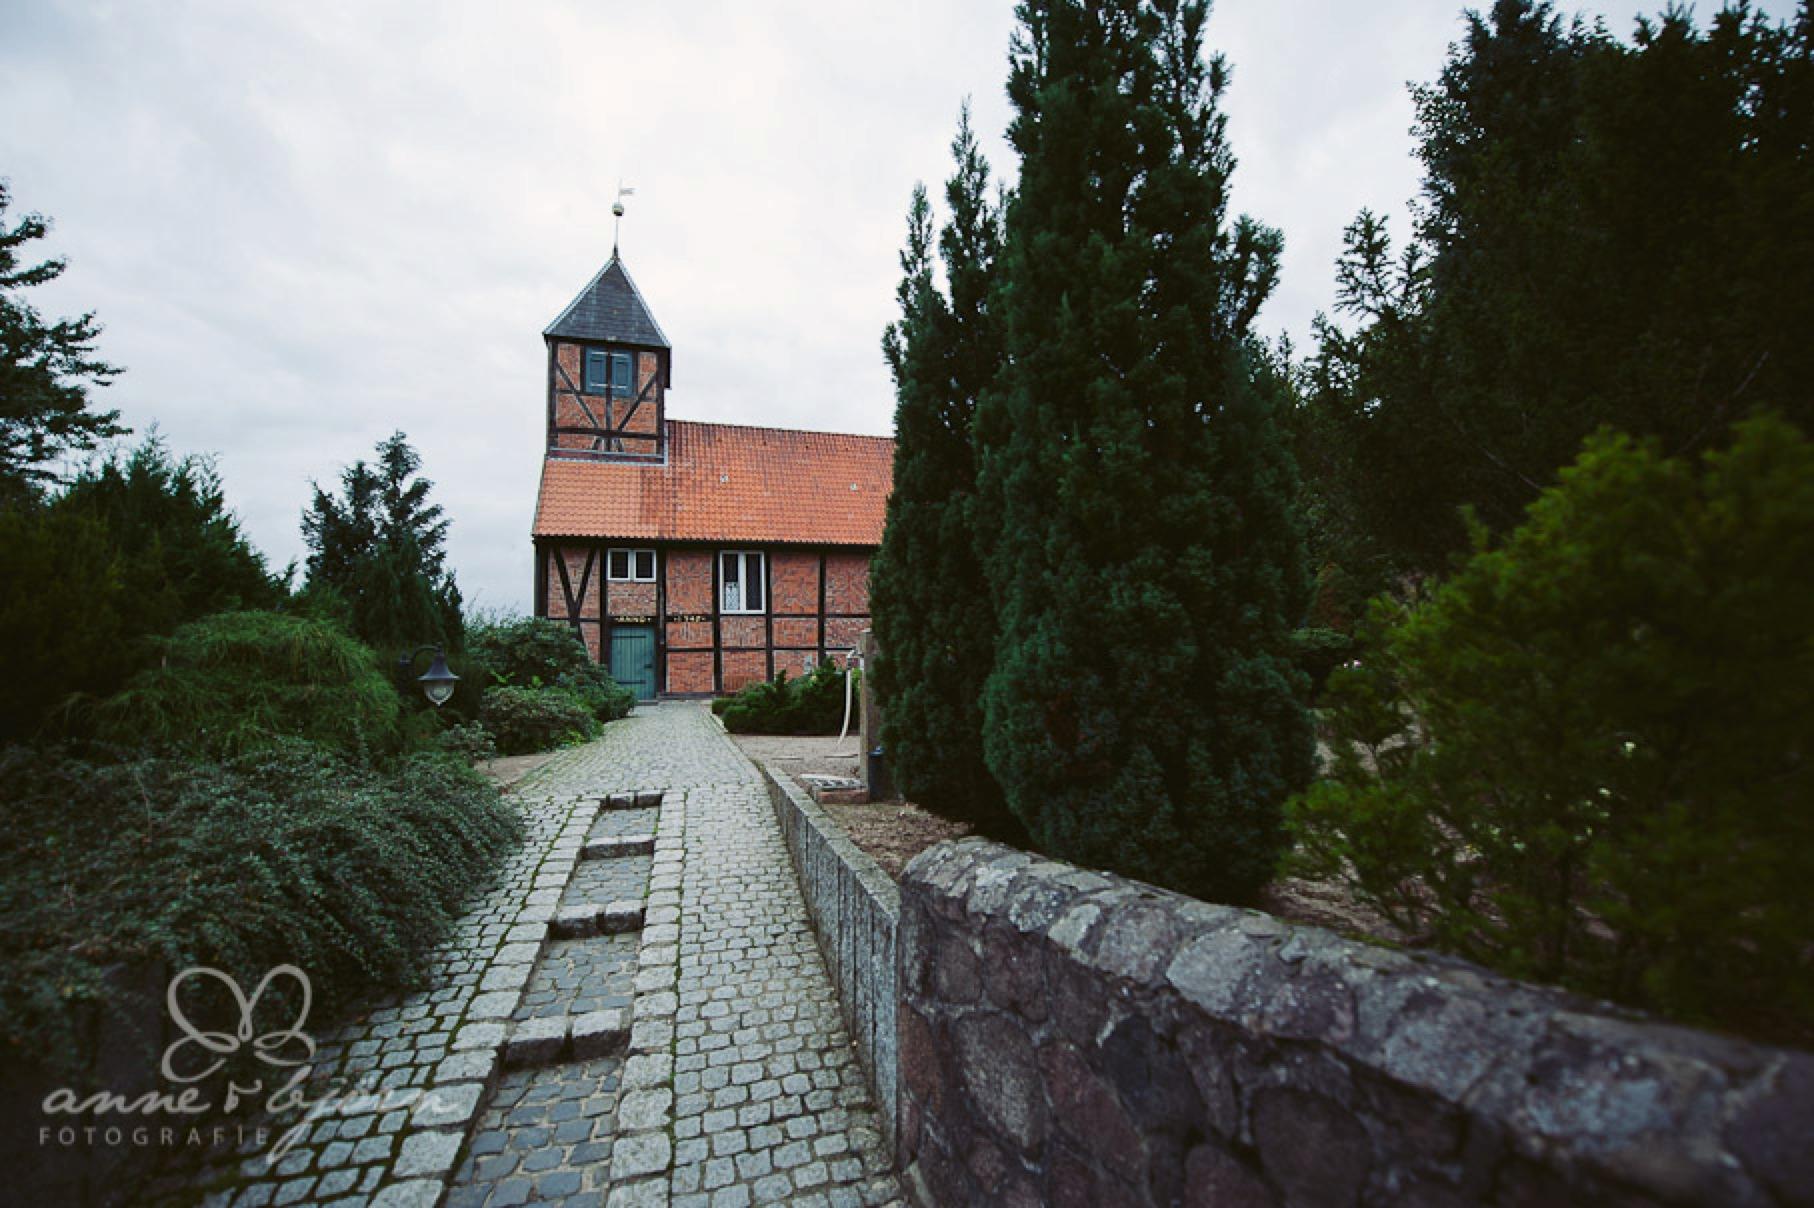 0037 cup aub 16339 1 - Conny und Philipp - Hochzeit im Hotel Waldhof auf Herrenland